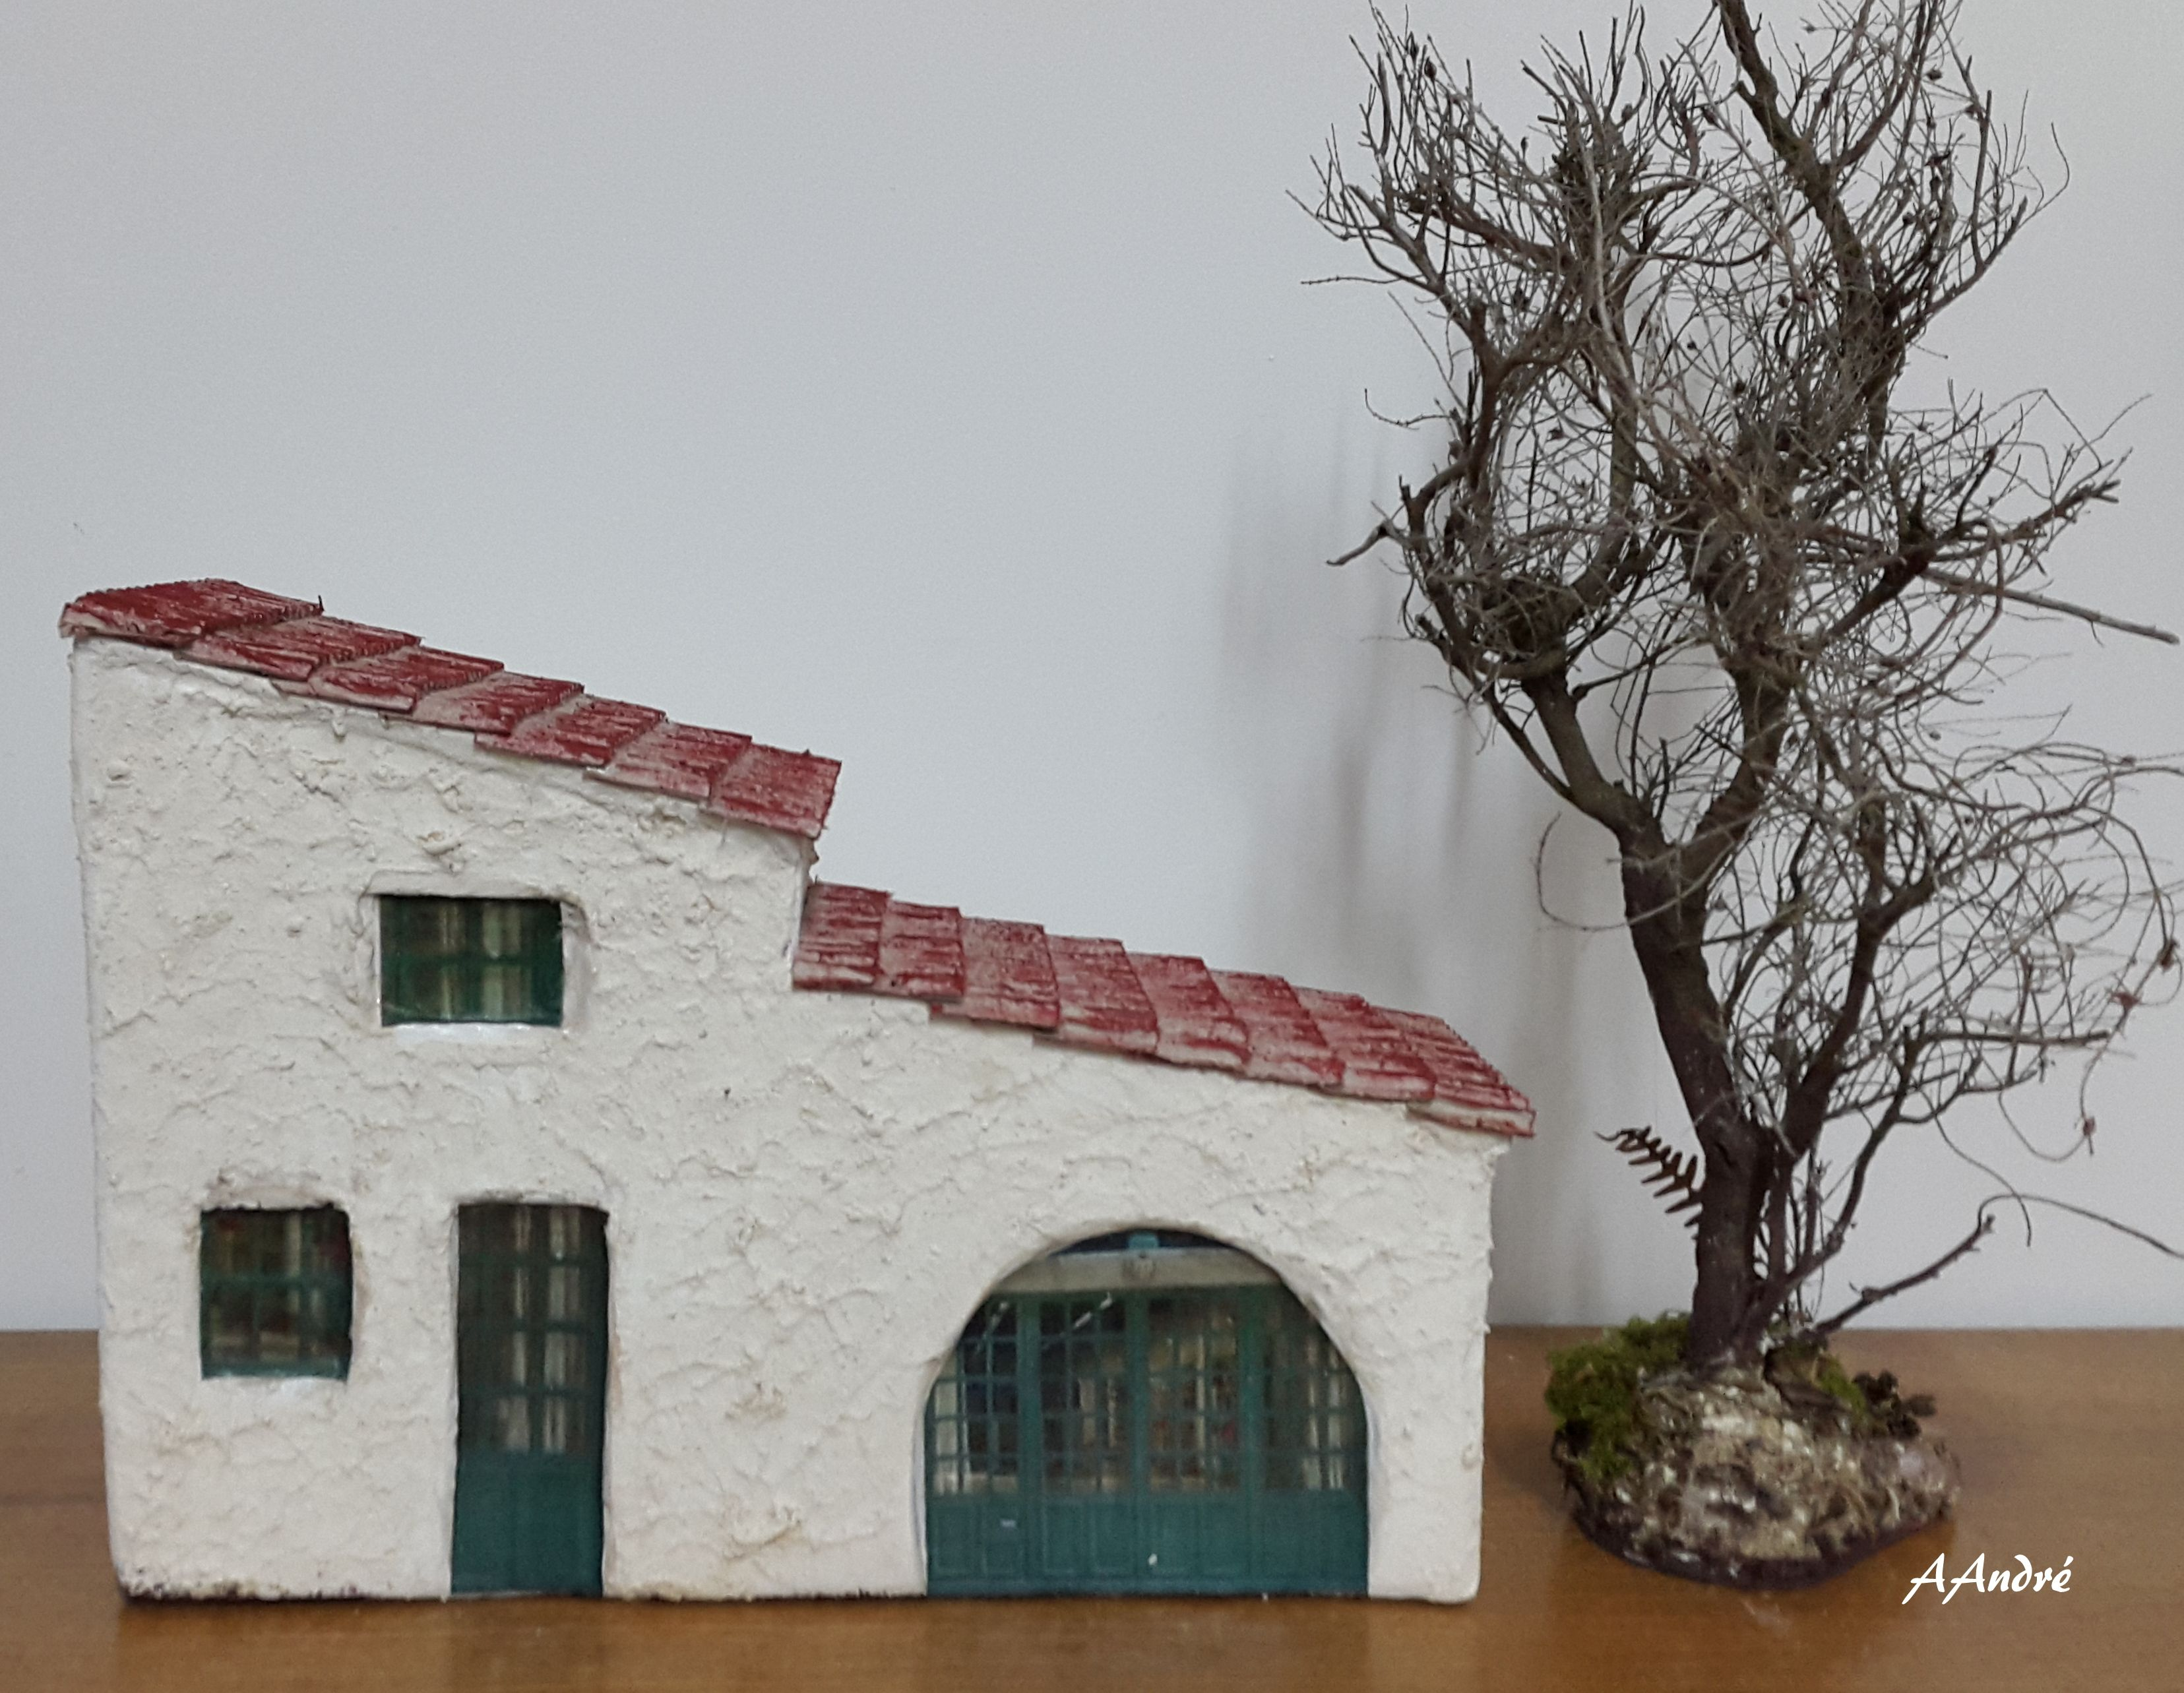 maison en carton pour la cr che de no l cartonnage carton ondule pinterest maisons en. Black Bedroom Furniture Sets. Home Design Ideas